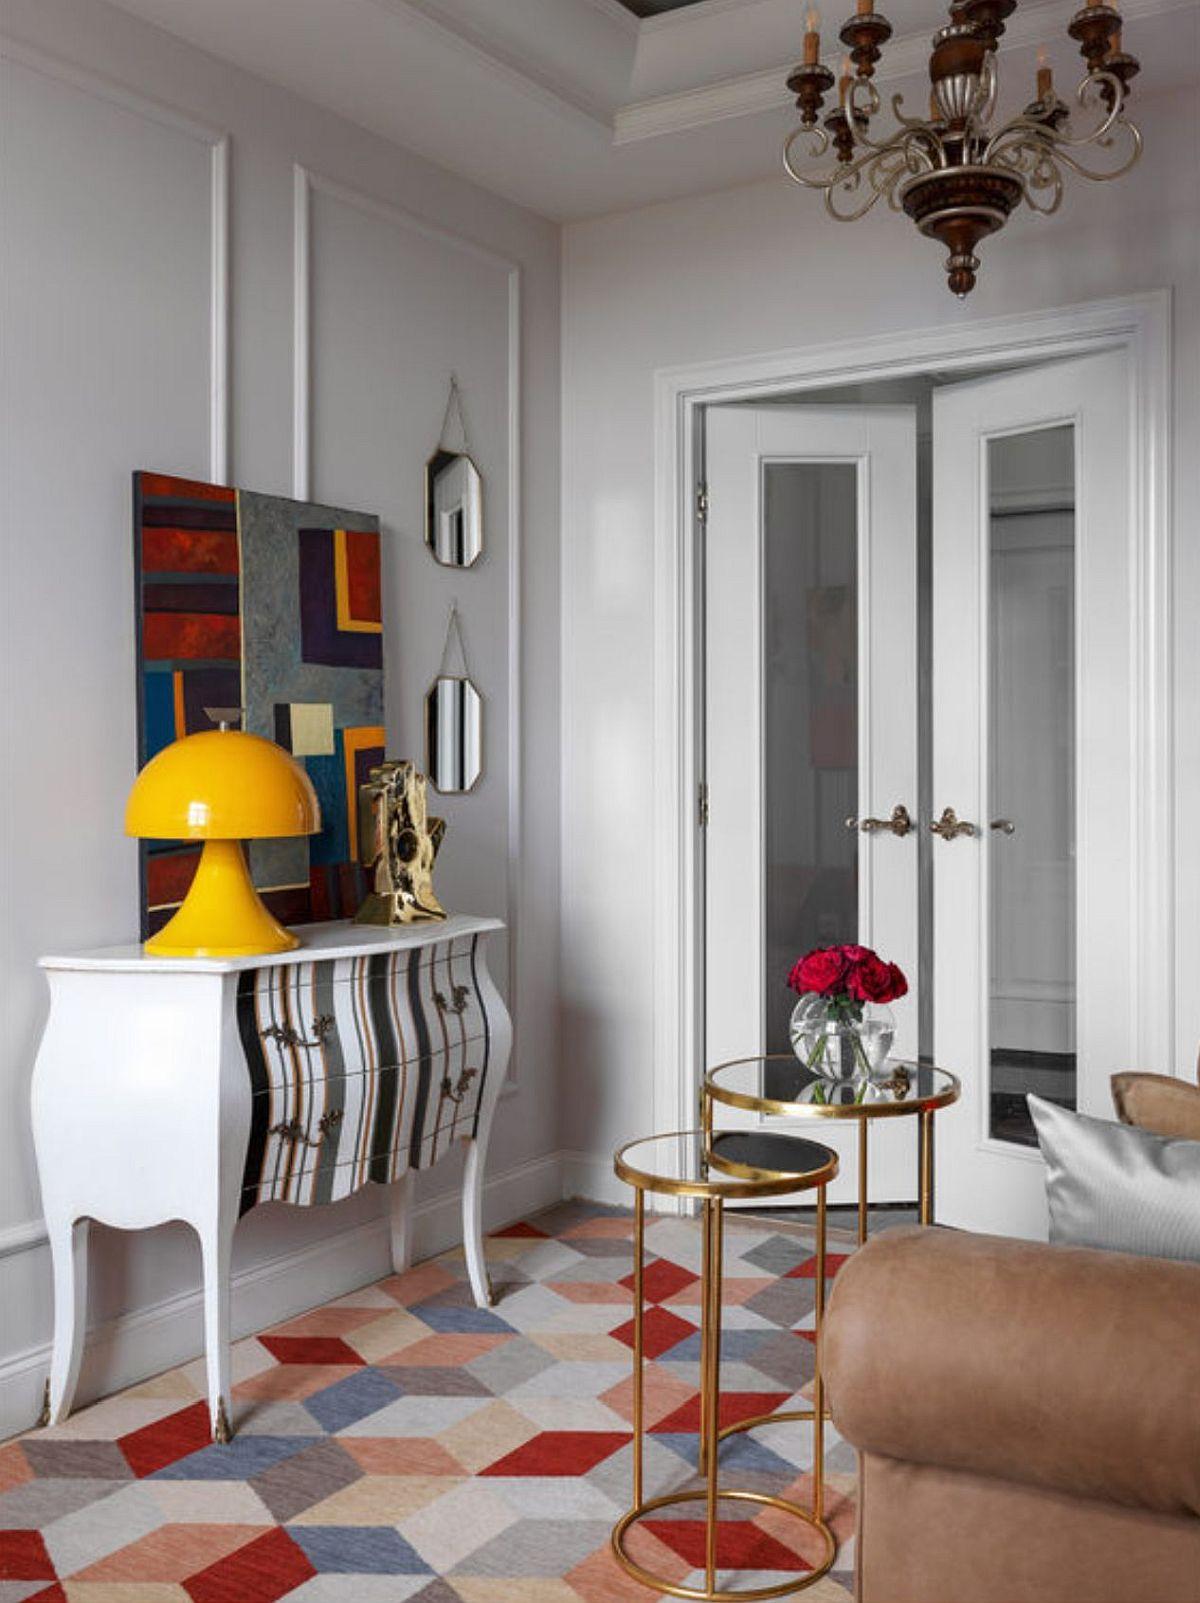 Spațiul camerei de zi nu este generos, de aceea în locul unei mese de living au fost alese două piese cu alură sculpturală. Însă înălțimea de circa 2,80 metri ajută ca spațiul să nu se simtă încărcat. Pe mijlocul camerei este creat un culoar de circulație către locul de luat masa și bucătărie.